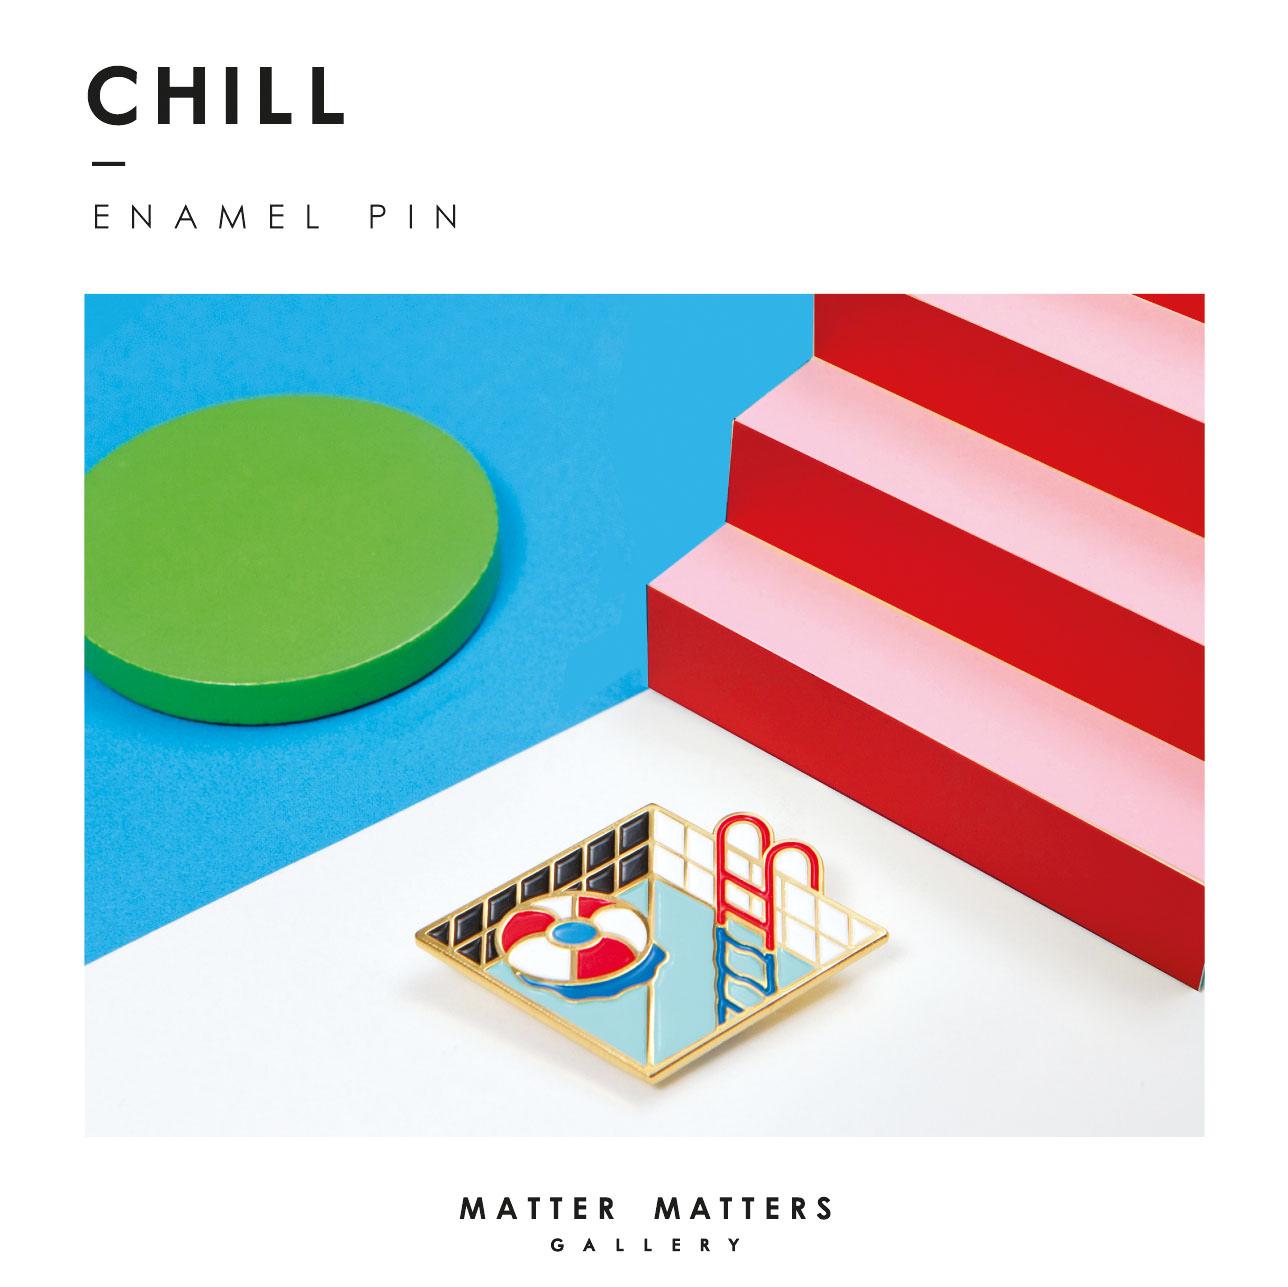 matter matters image 2